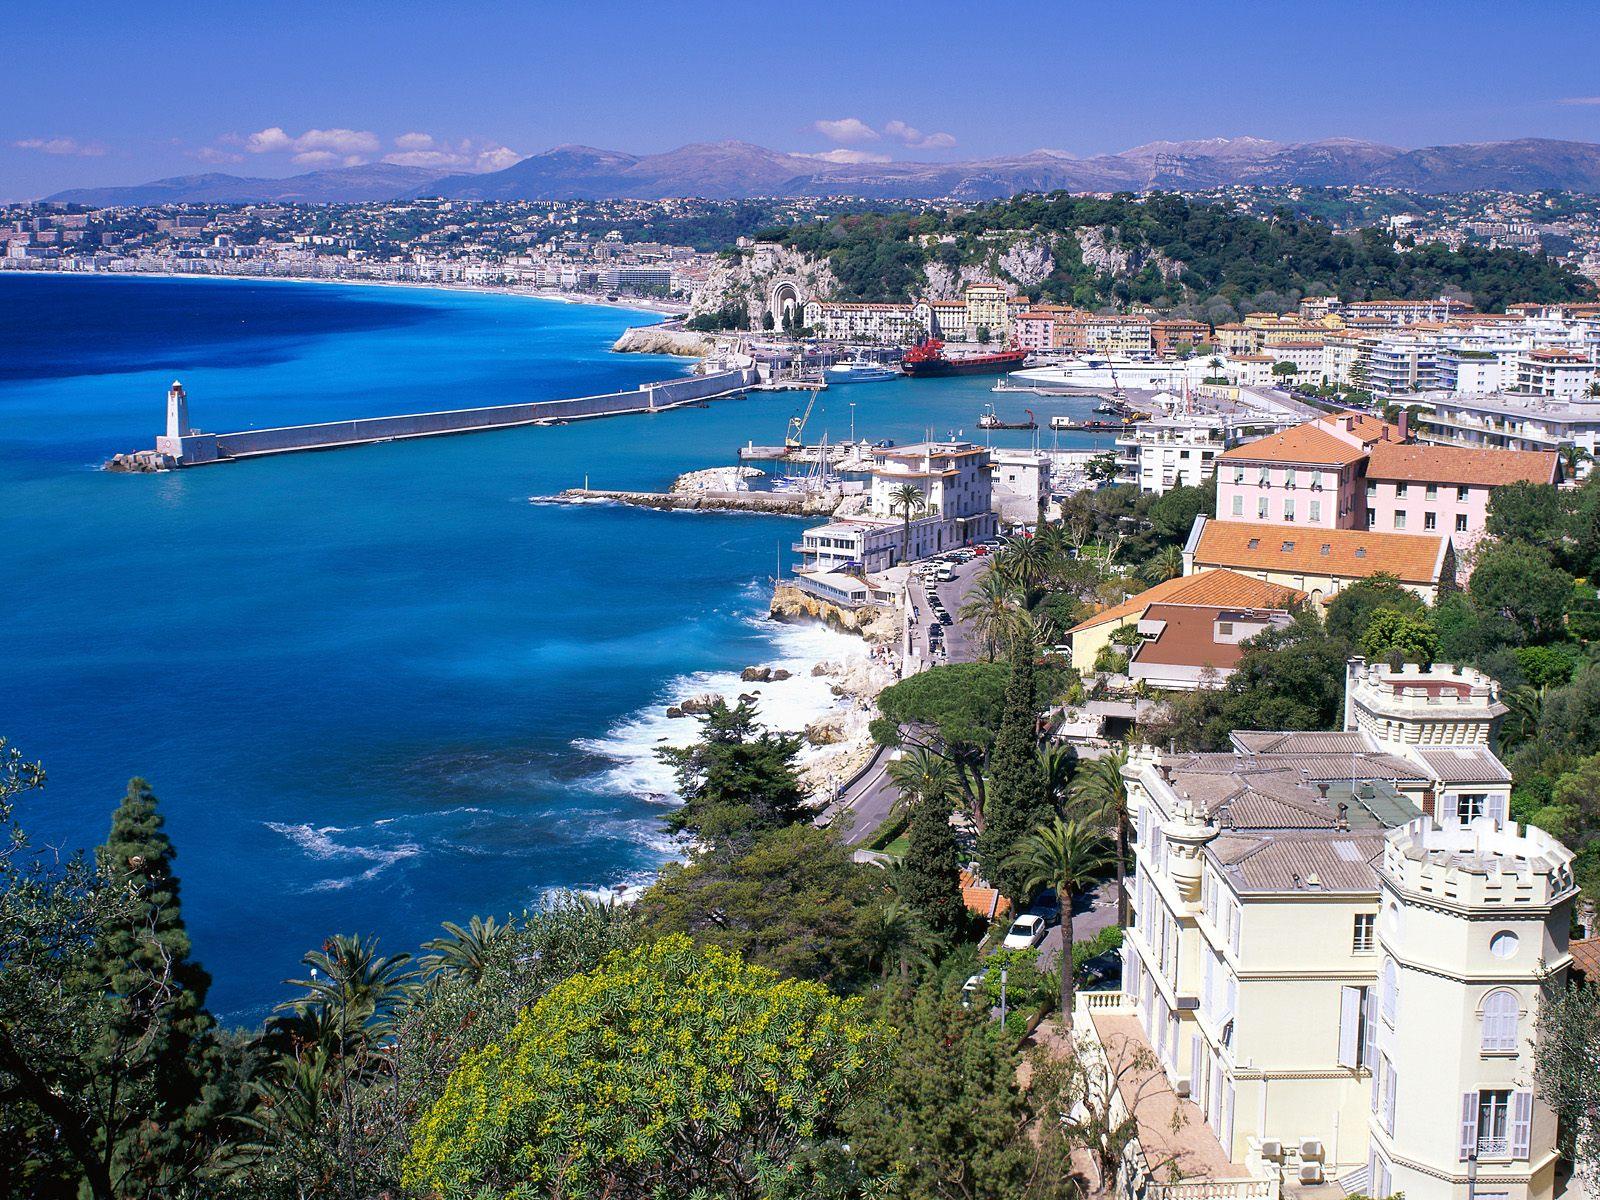 http://4.bp.blogspot.com/_hjNmA6KJHIg/TAukjDe6W-I/AAAAAAAABco/EizIpVU1bAY/s1600/Coastal+View,+Nice,+France.jpg